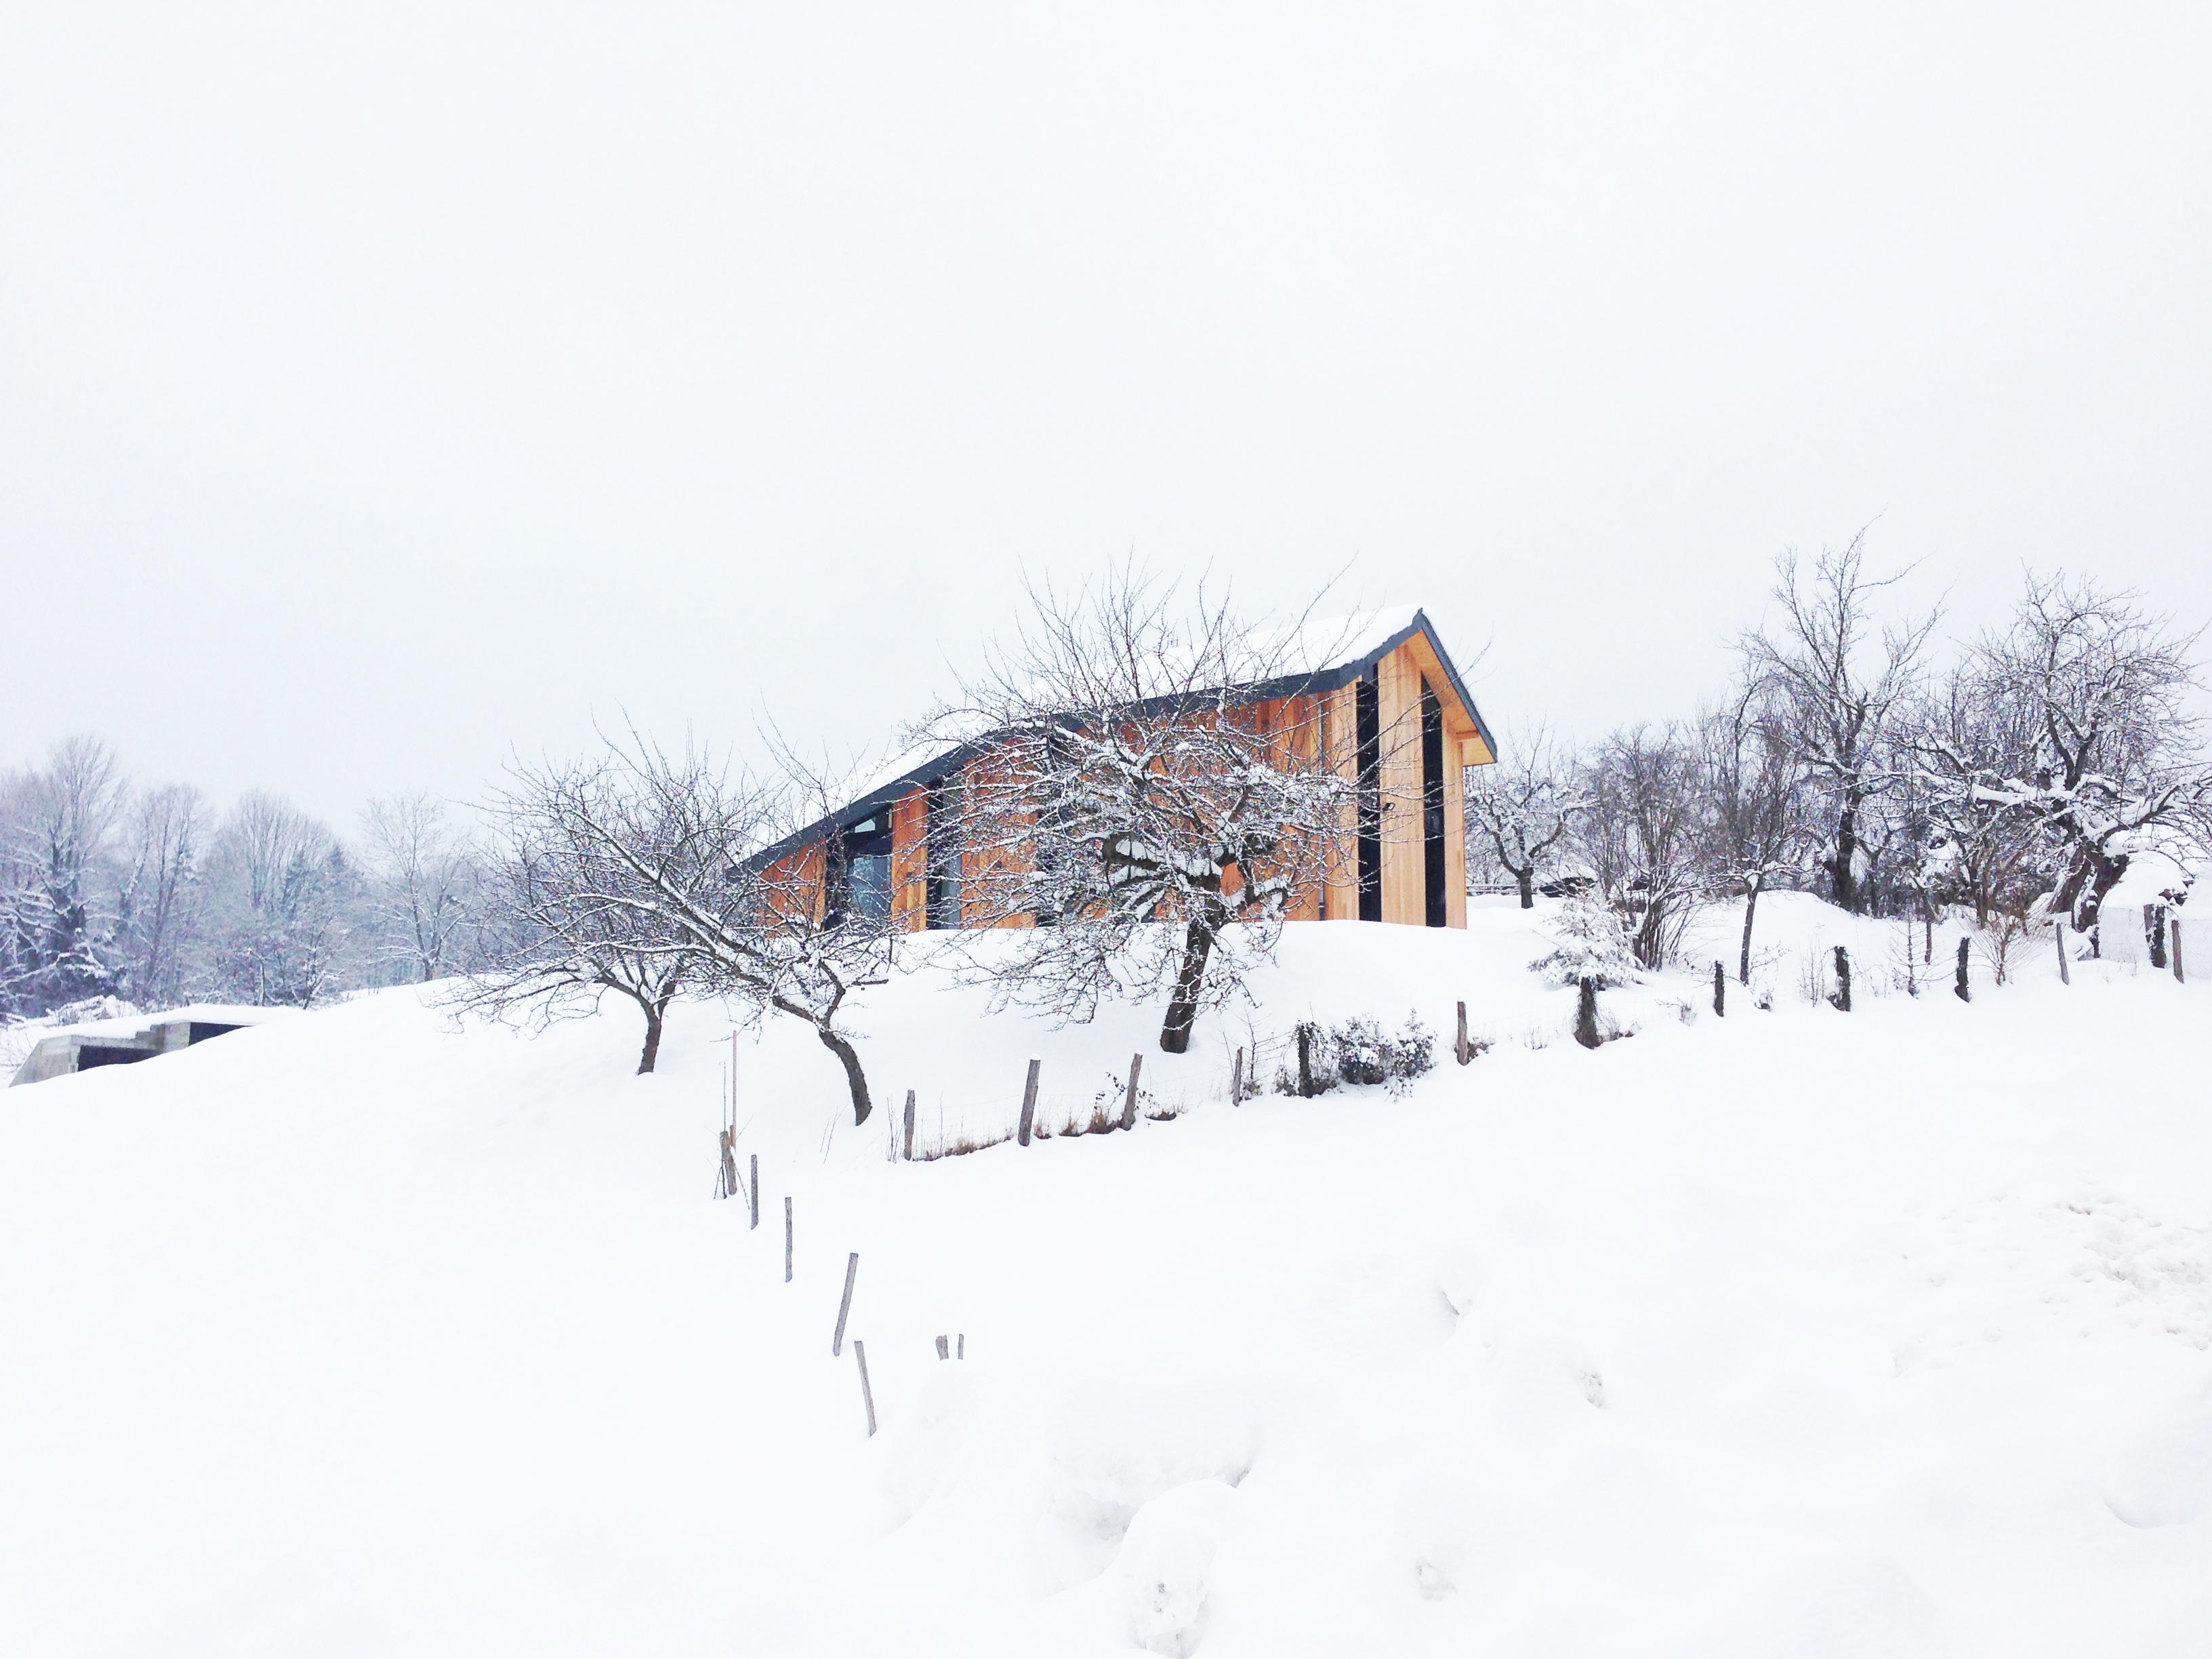 004-WIMM-maison d.jpg